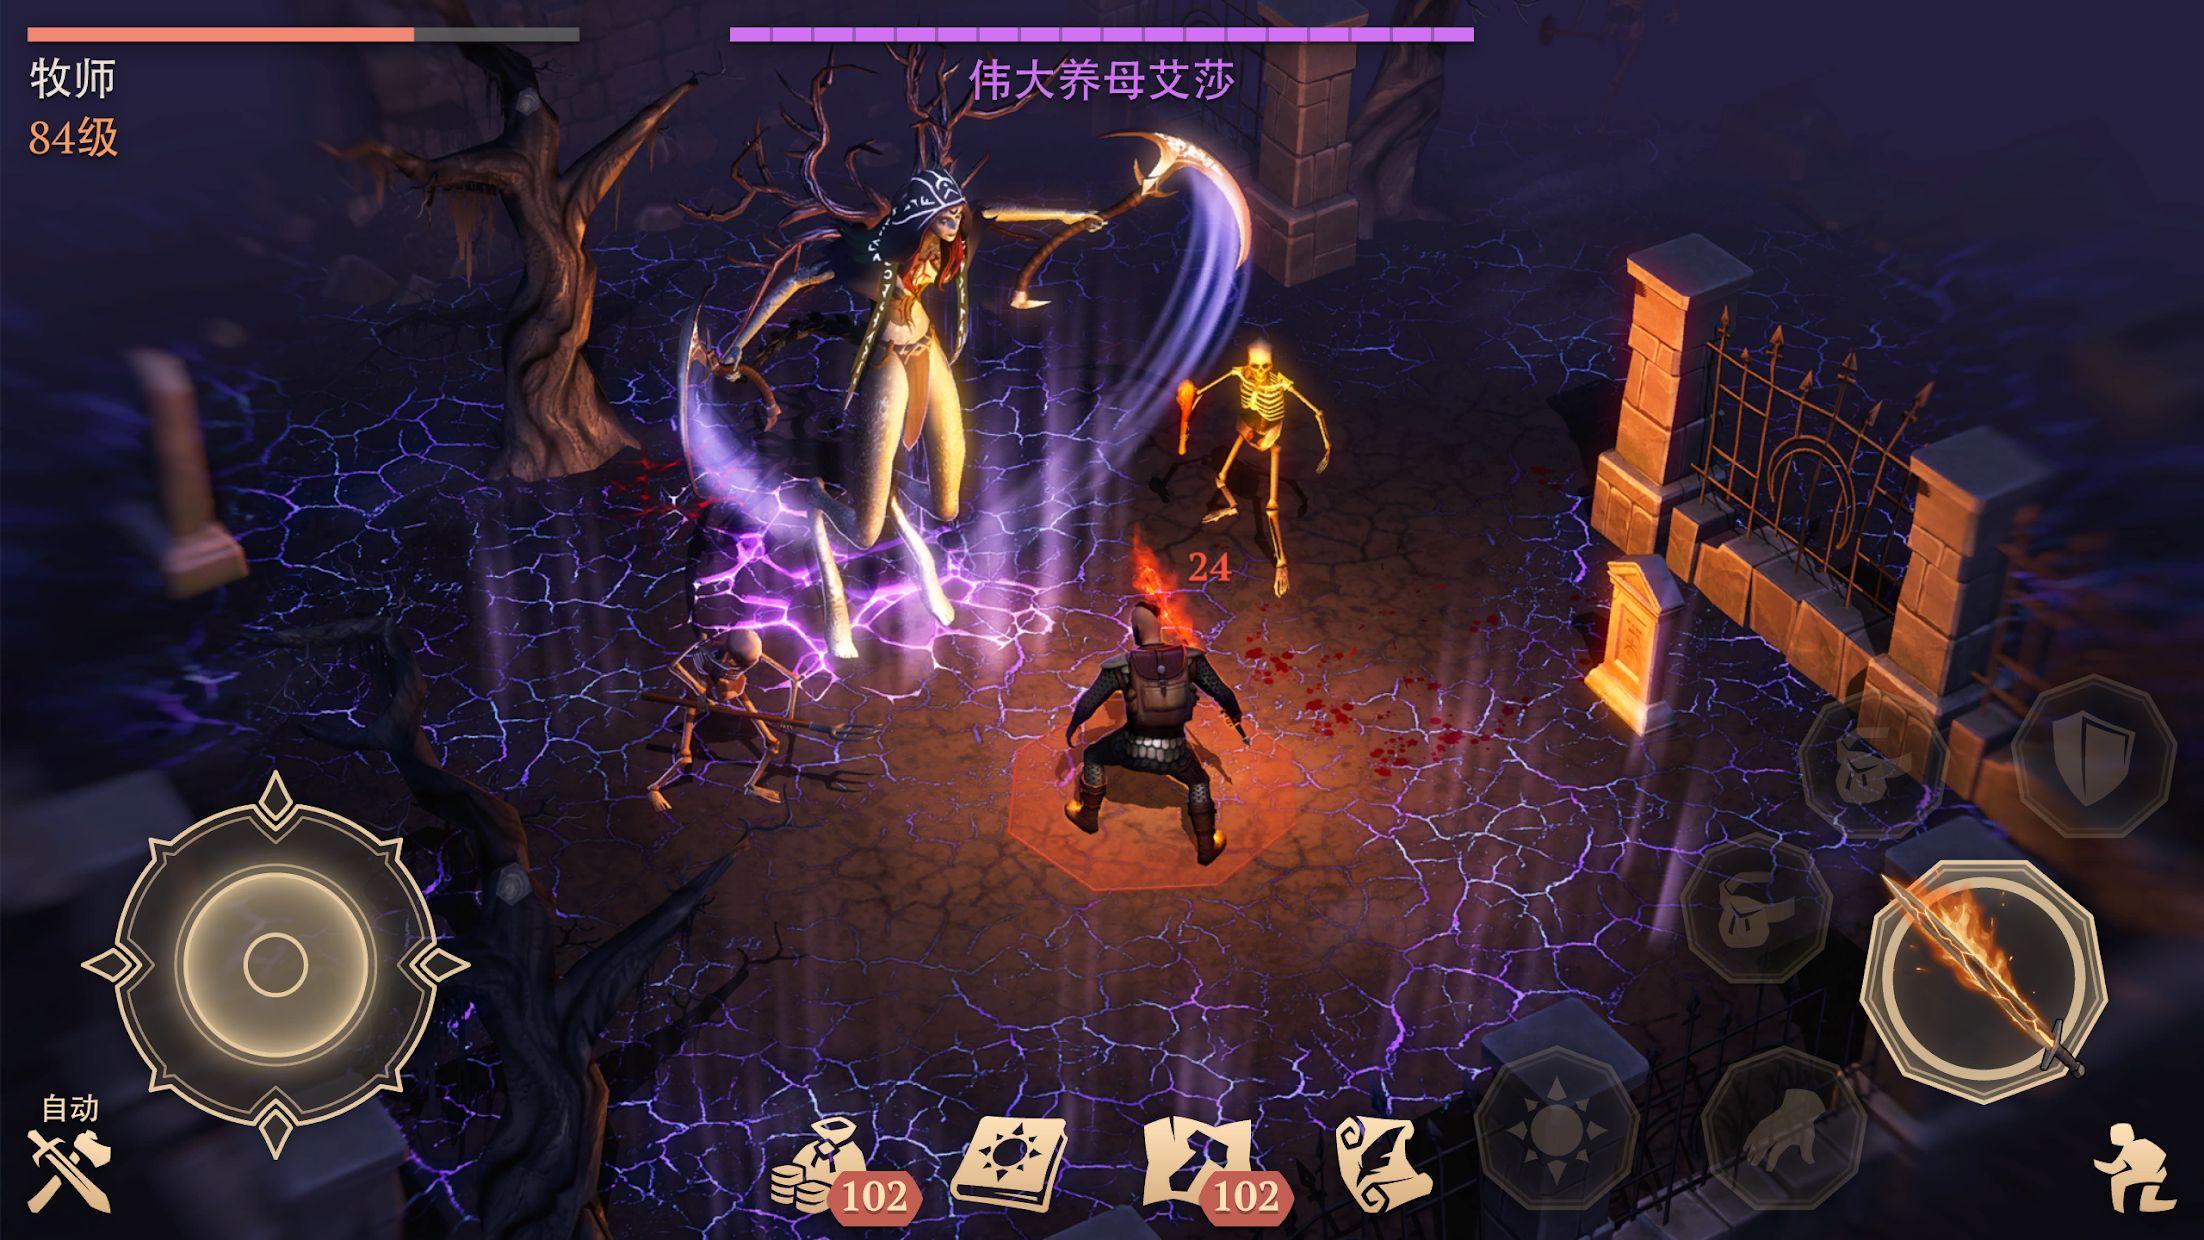 冷酷灵魂:黑暗幻想生存游戏 游戏截图5